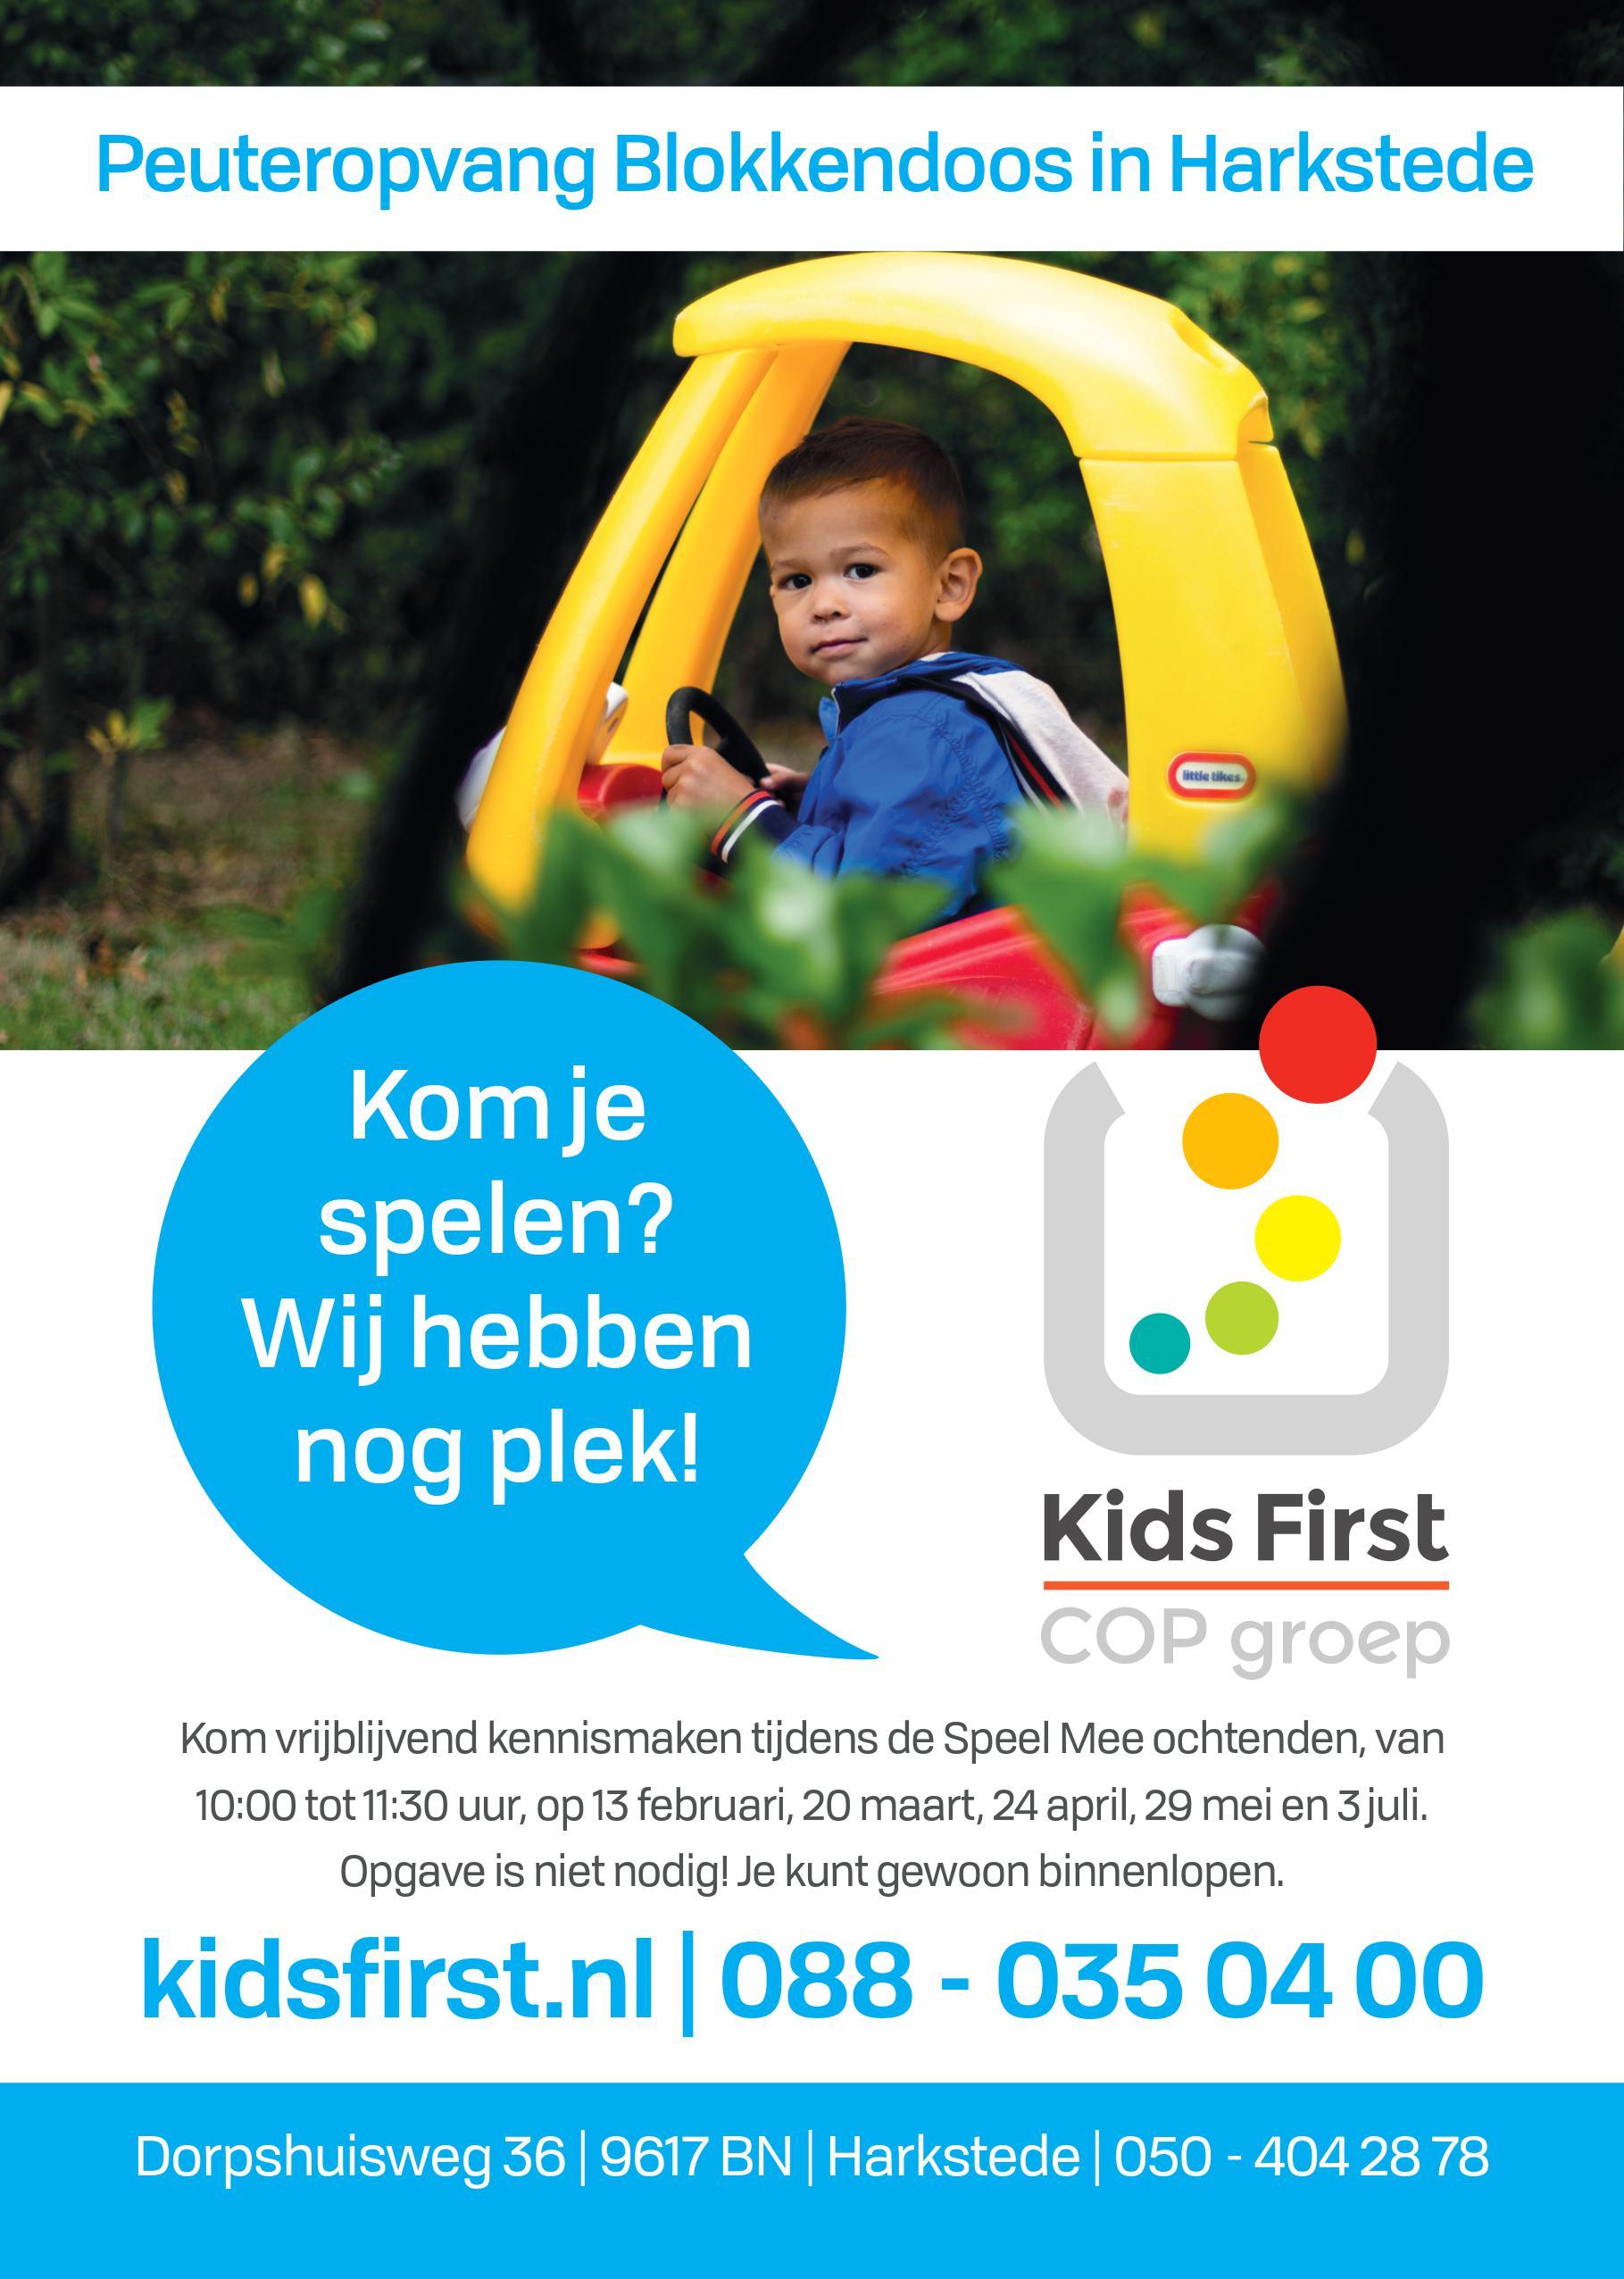 Peuteropvang de Blokkendoos Harkstede - Kids First COP groep